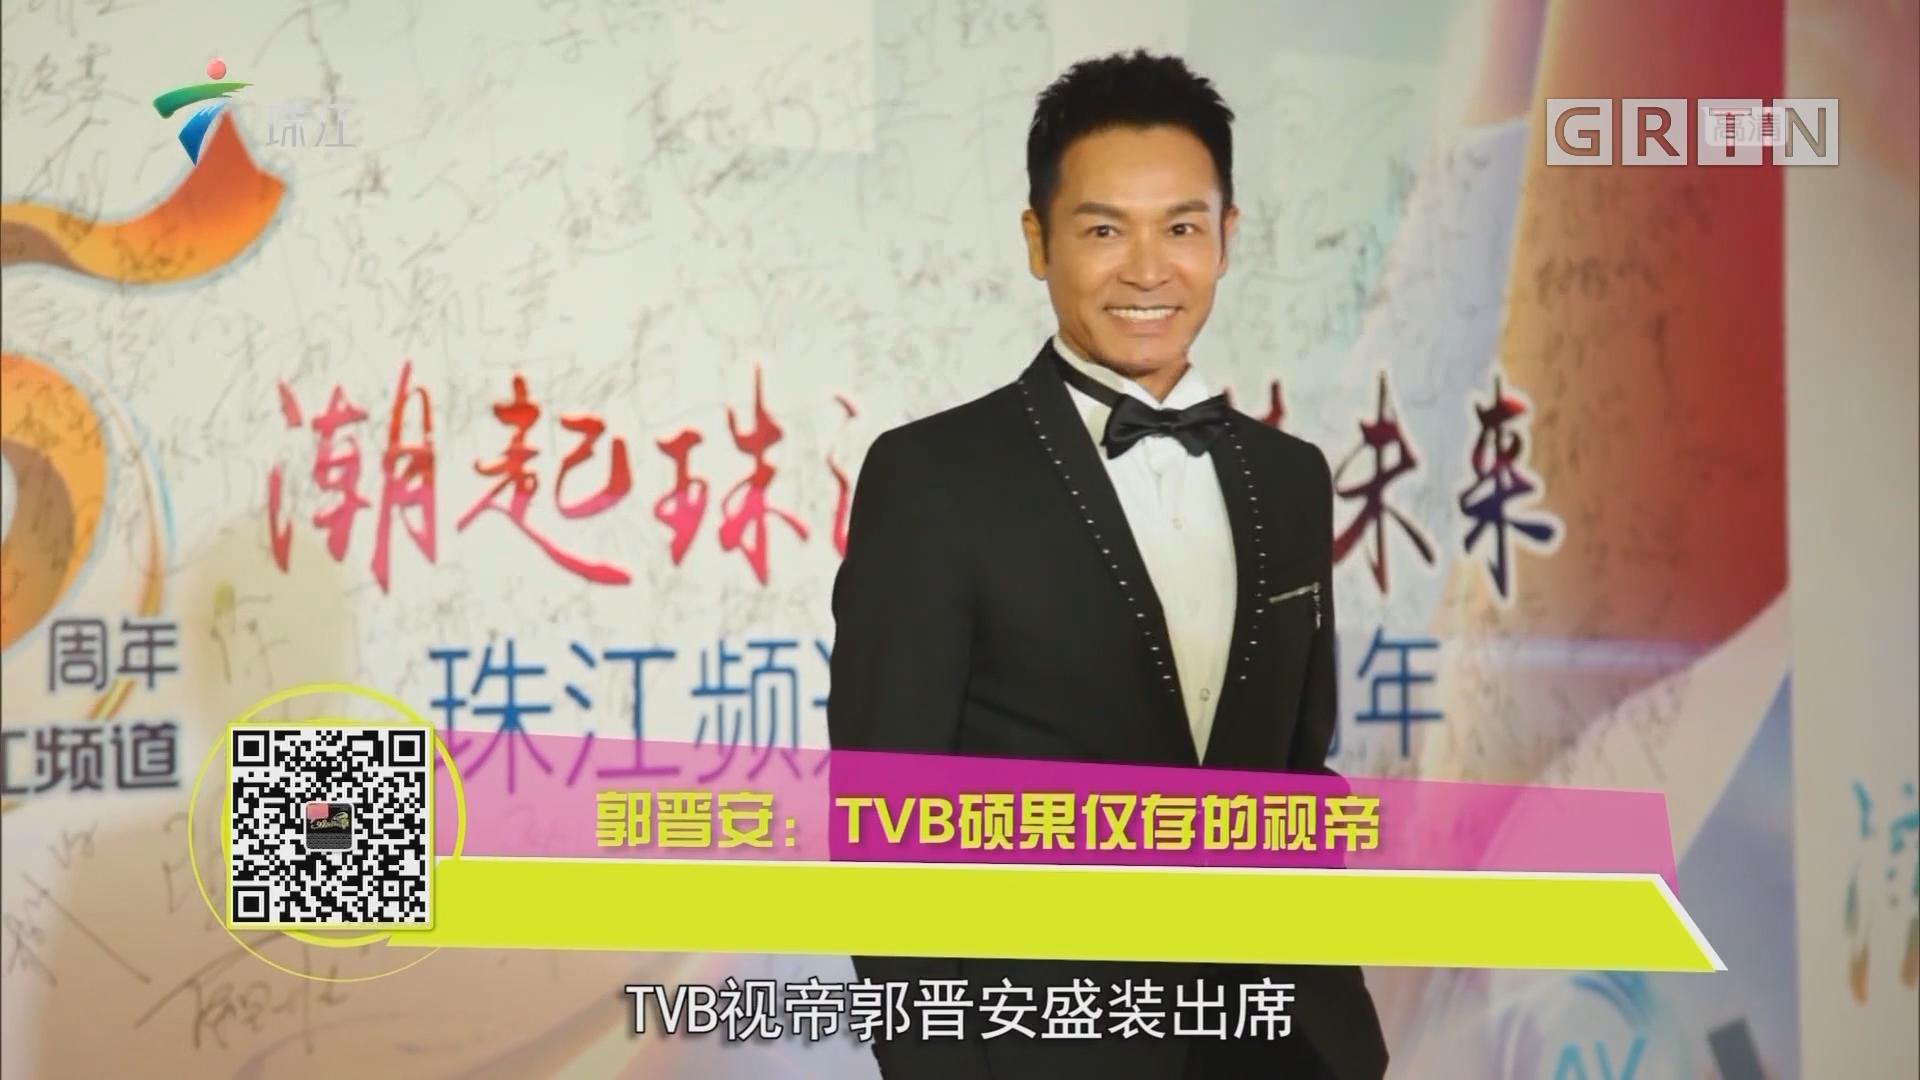 郭晋安:TVB硕果仅存的视帝